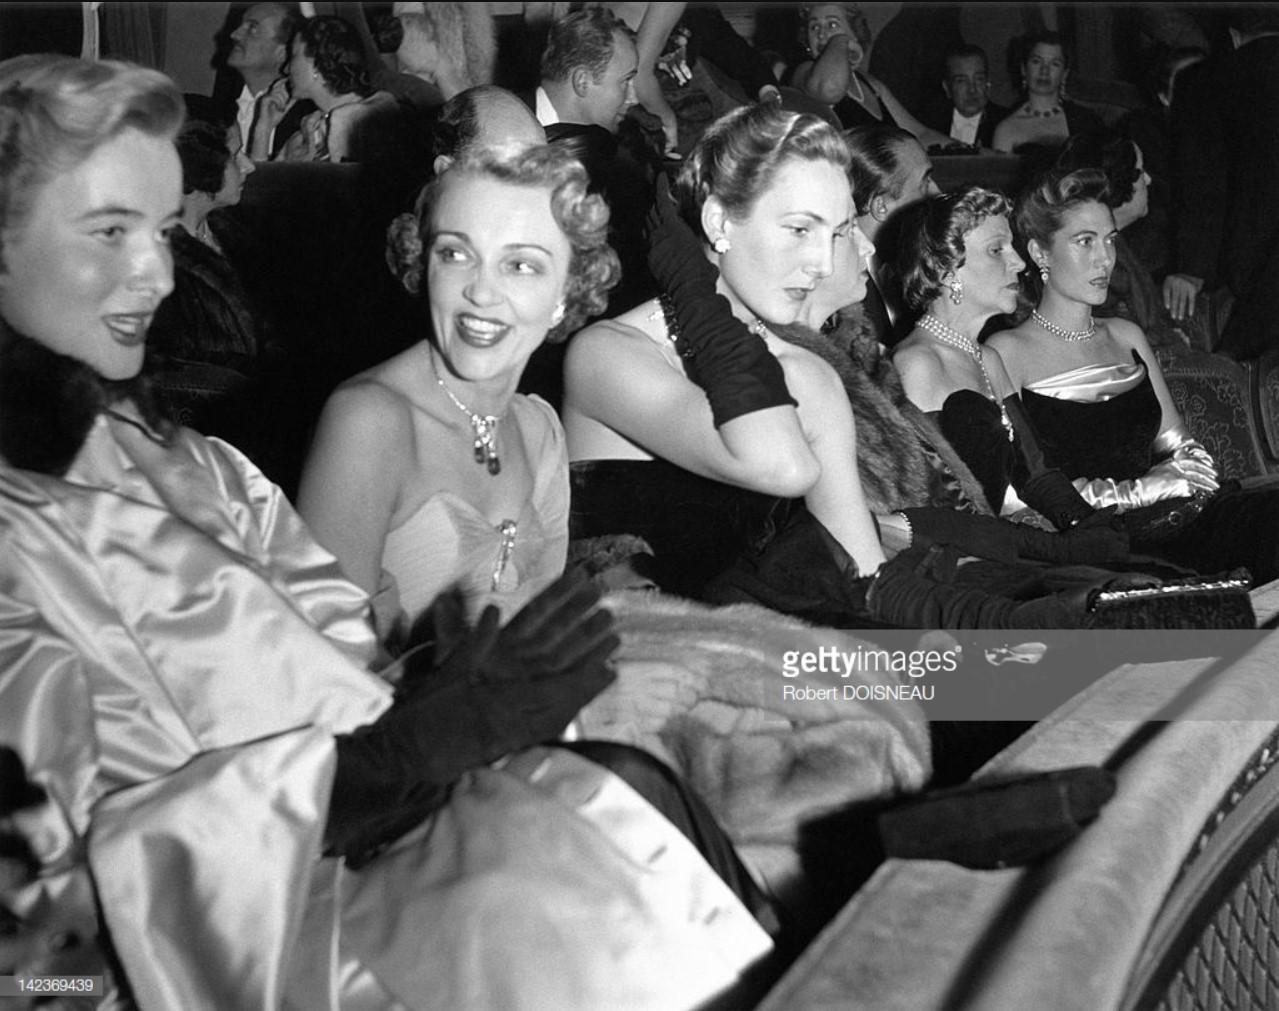 1951. Французская актриса Жаклин Делюбэк в цирке, Париж